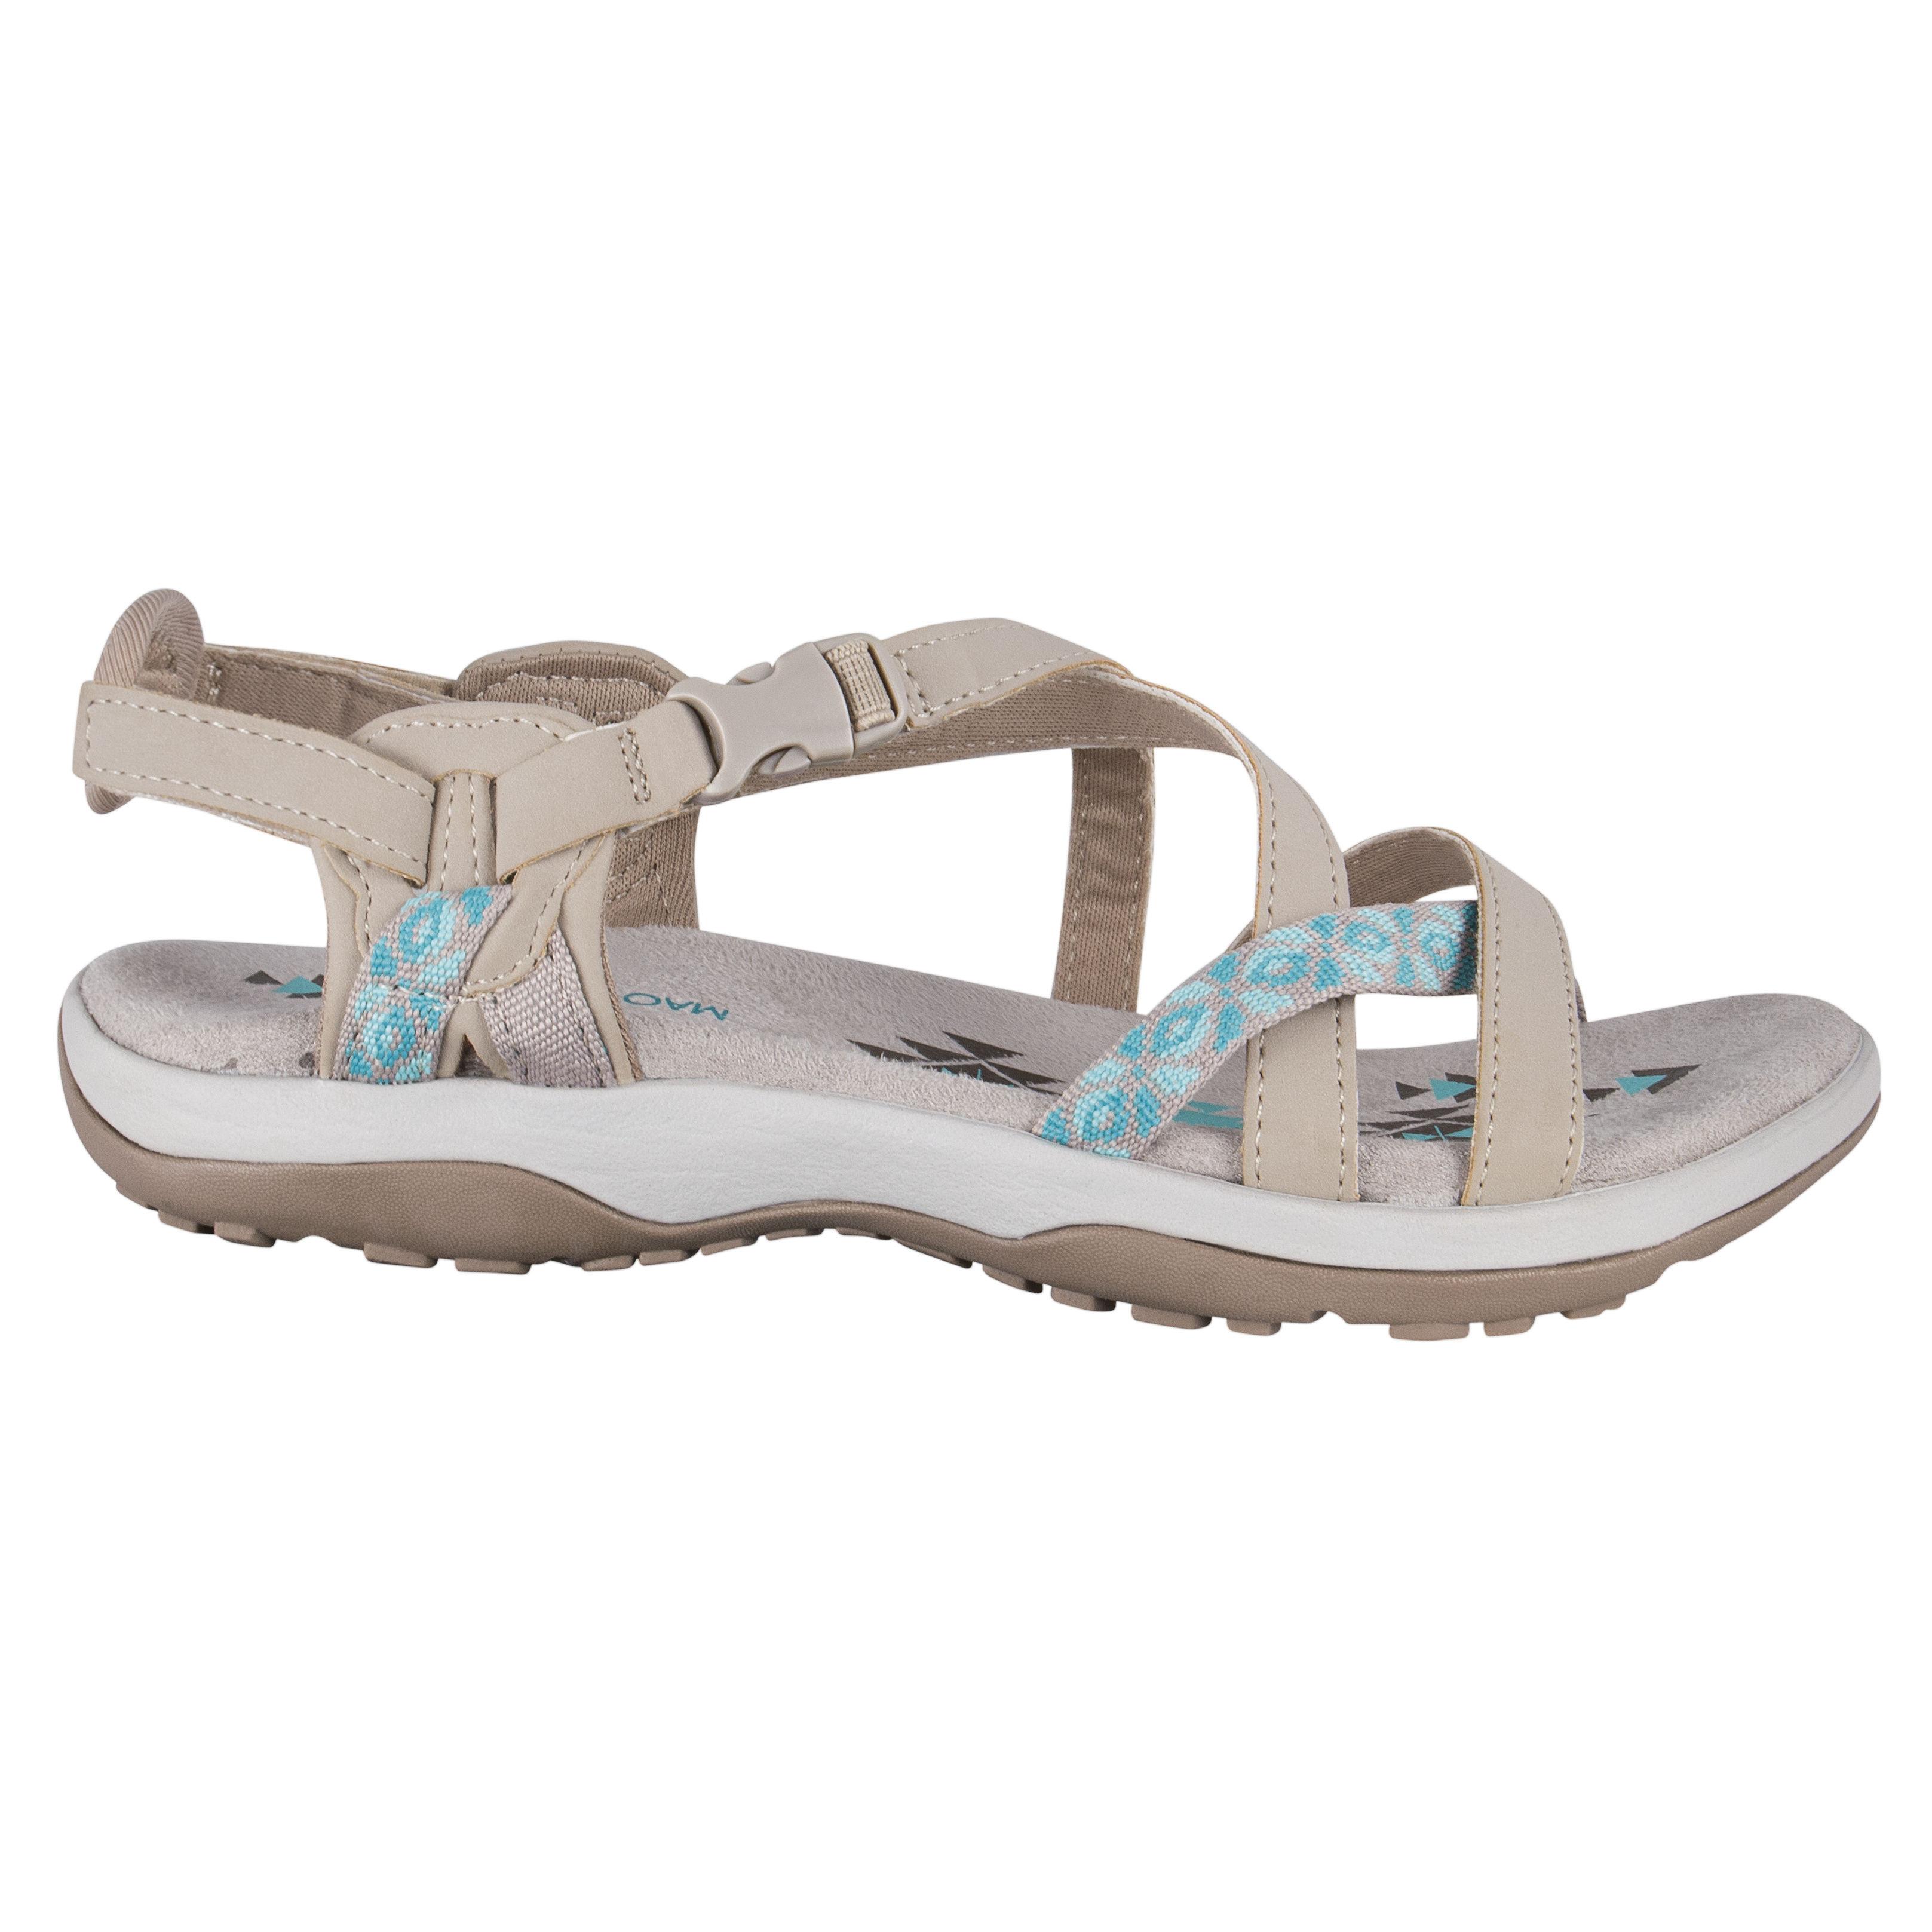 Skechers Skechers Sandale Leder Leder Damen hrsdtCQ